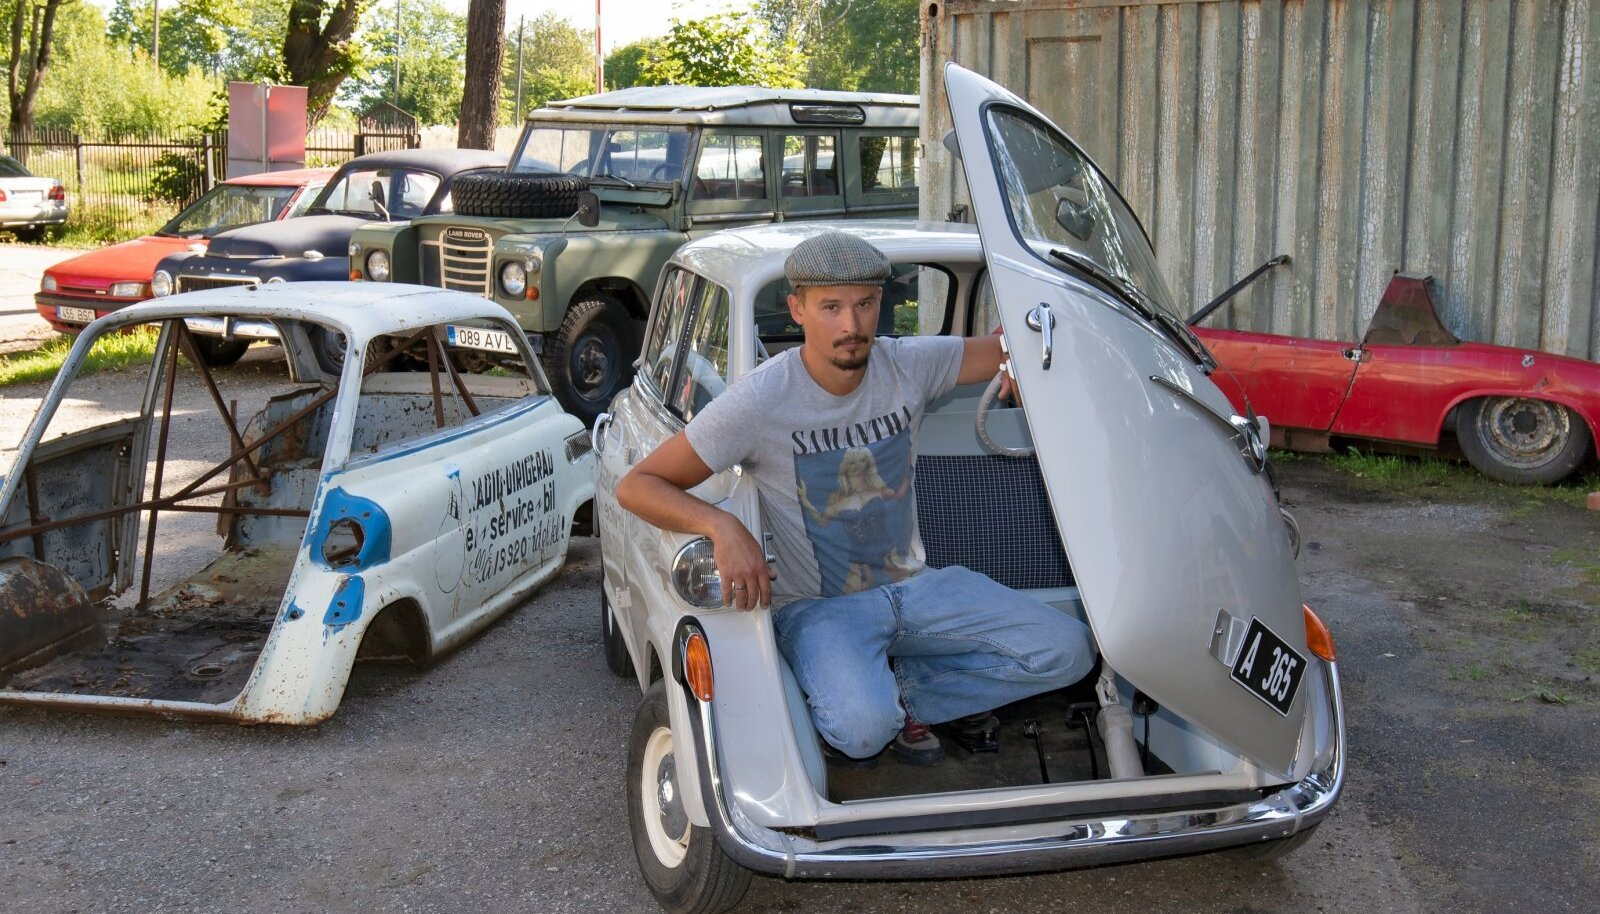 Seda BMW 600 (1959) restaureeris Autoklassik kaks aastat. Nüüd ütleb Harri Tiidus autole hüvasti ja see jääb ootama ostjat.